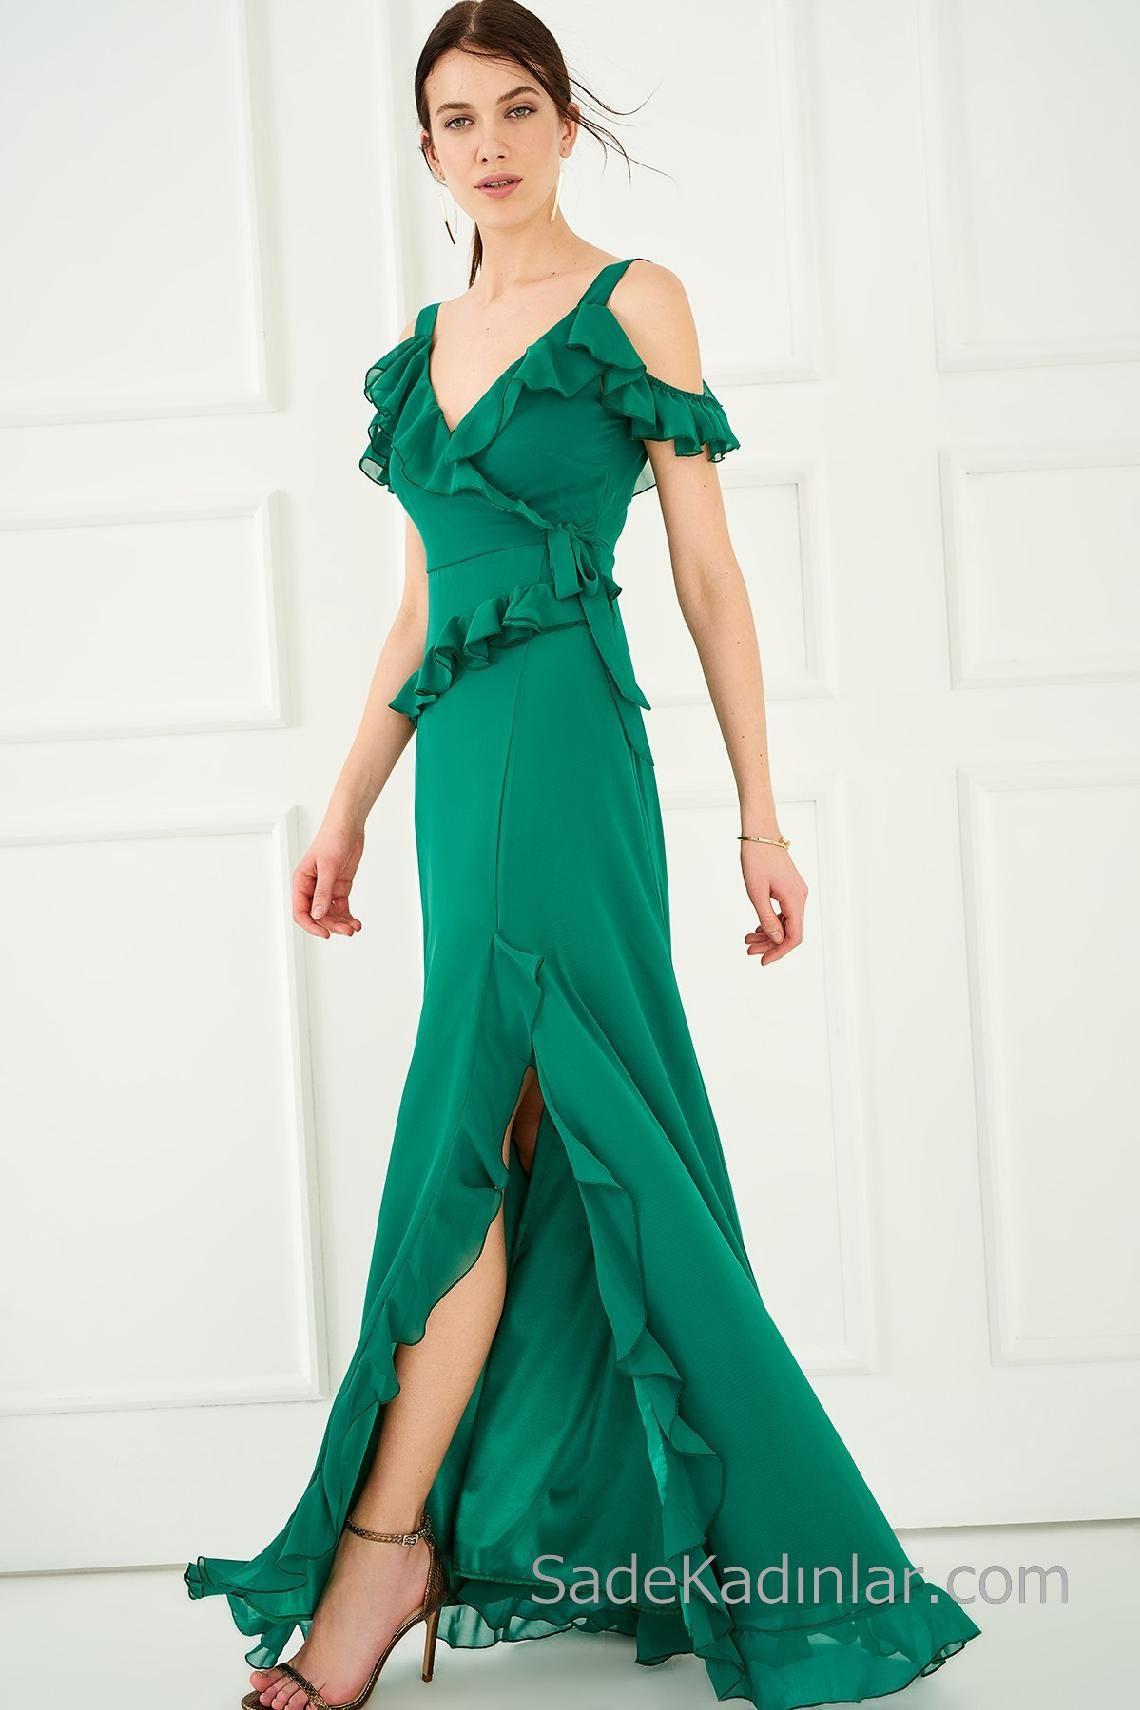 bd3ddc84ca5d1 2018 Abiye Elbiseler Yeşil Uzun Askılı Fırfır Detaylı Yırtmaçlı 2018 Abiye  Elbiseler Yeşil Uzun Askılı Fırfır